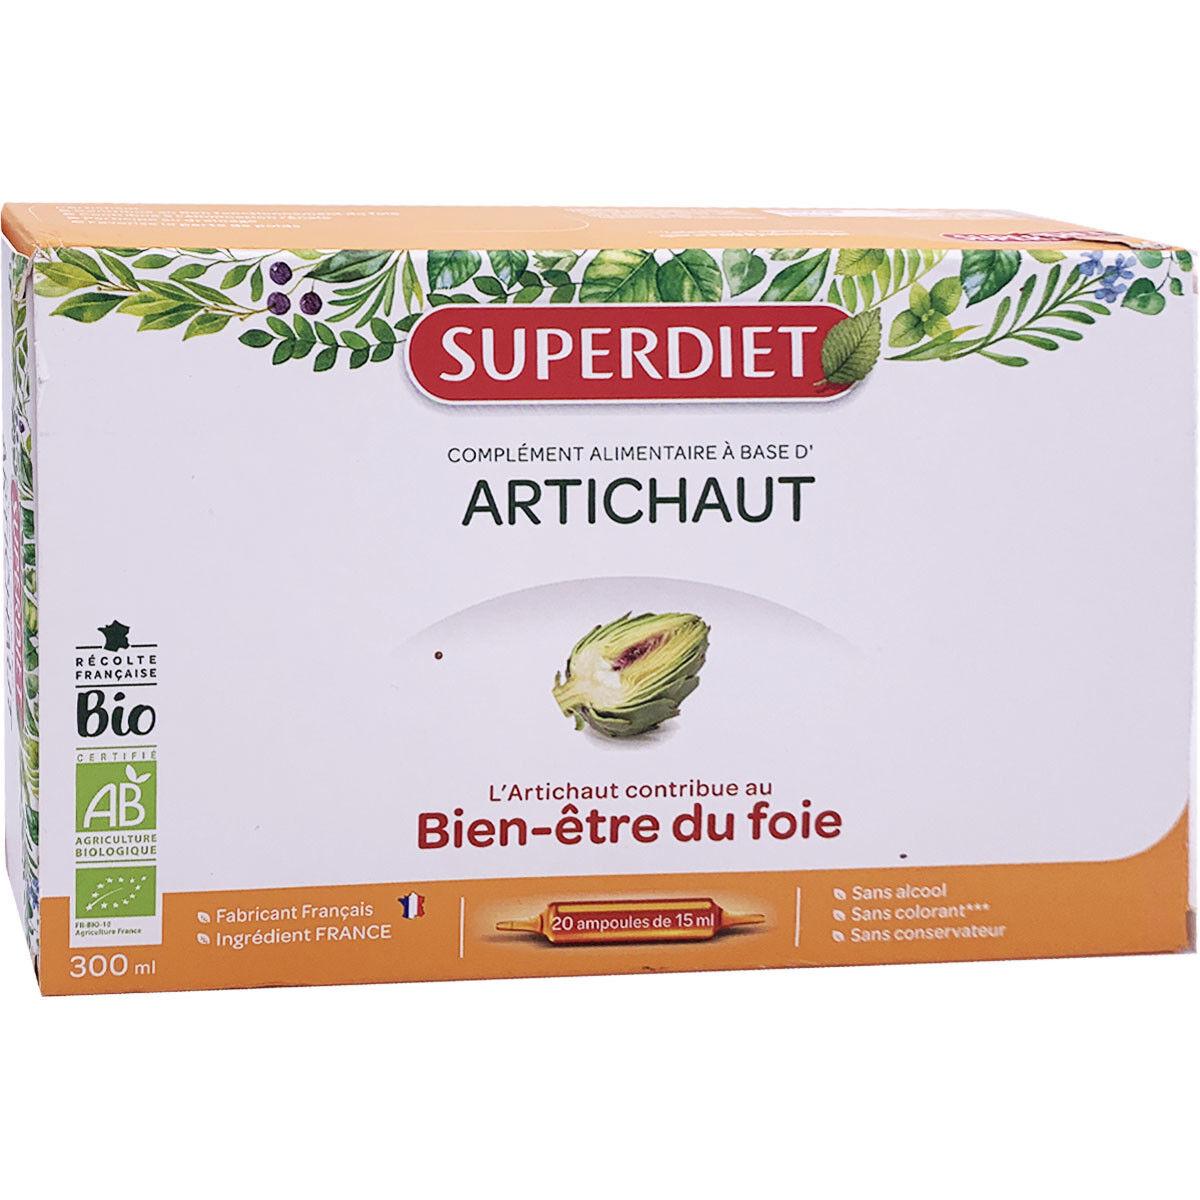 Super diet artichaut bien etre du foie 20 ampoules 15ml